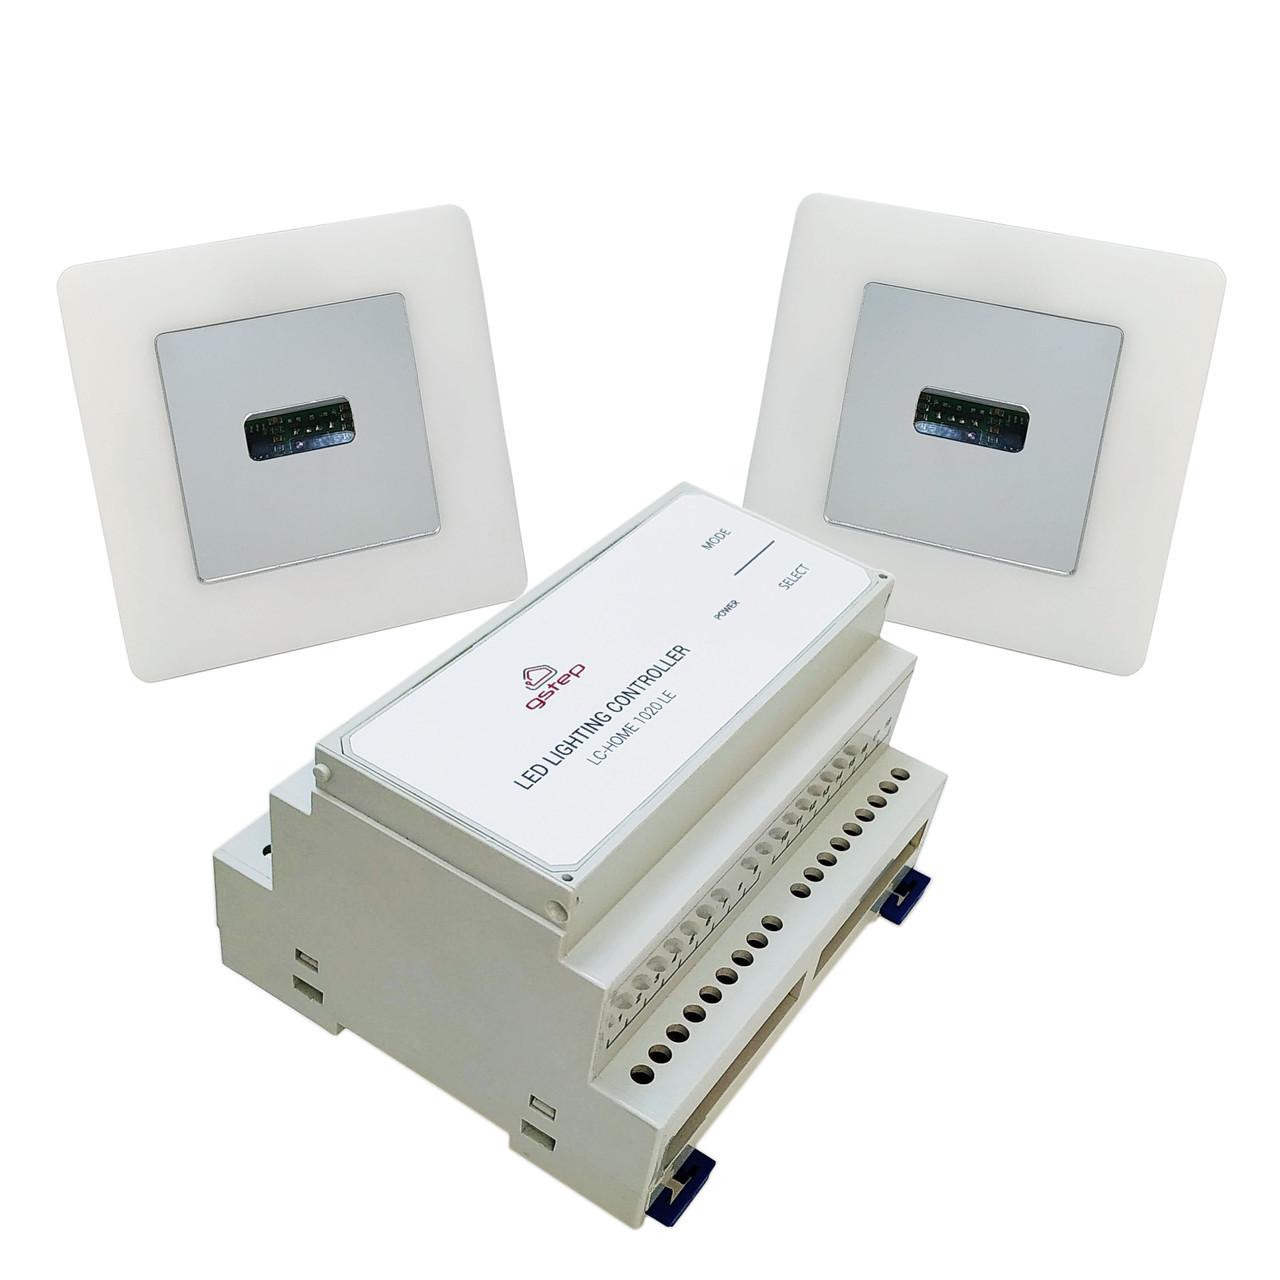 Система автоматической подсветки лестницы Gstep LC-HOME 1020 LE